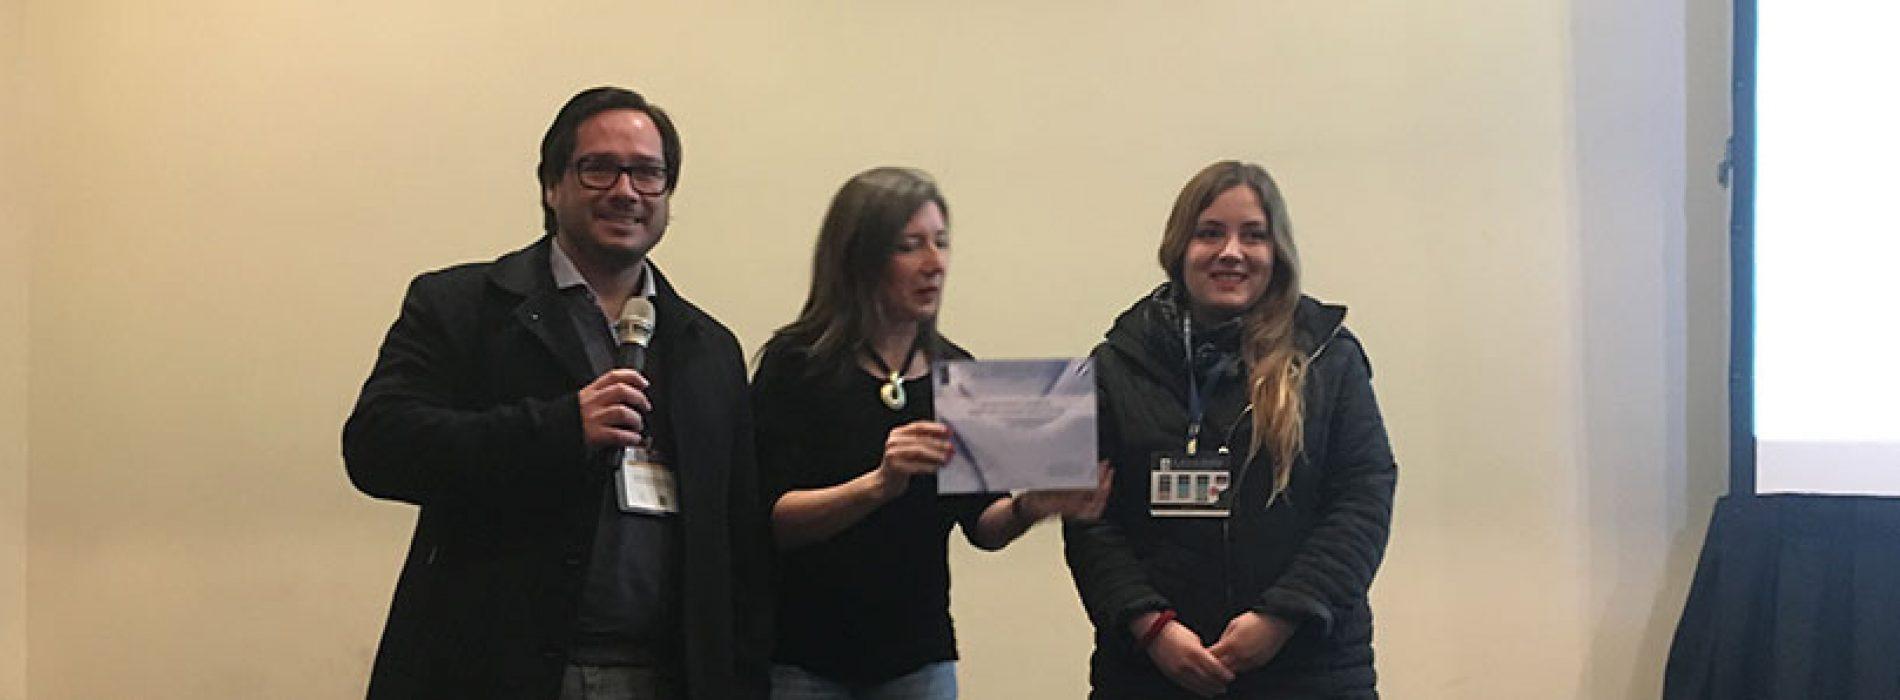 Premio Fermelo-SBBMCh mejor comunicación libre panel 2017 a Michelle Salazar, Universidad de Chile. Tutora María Inés Becker